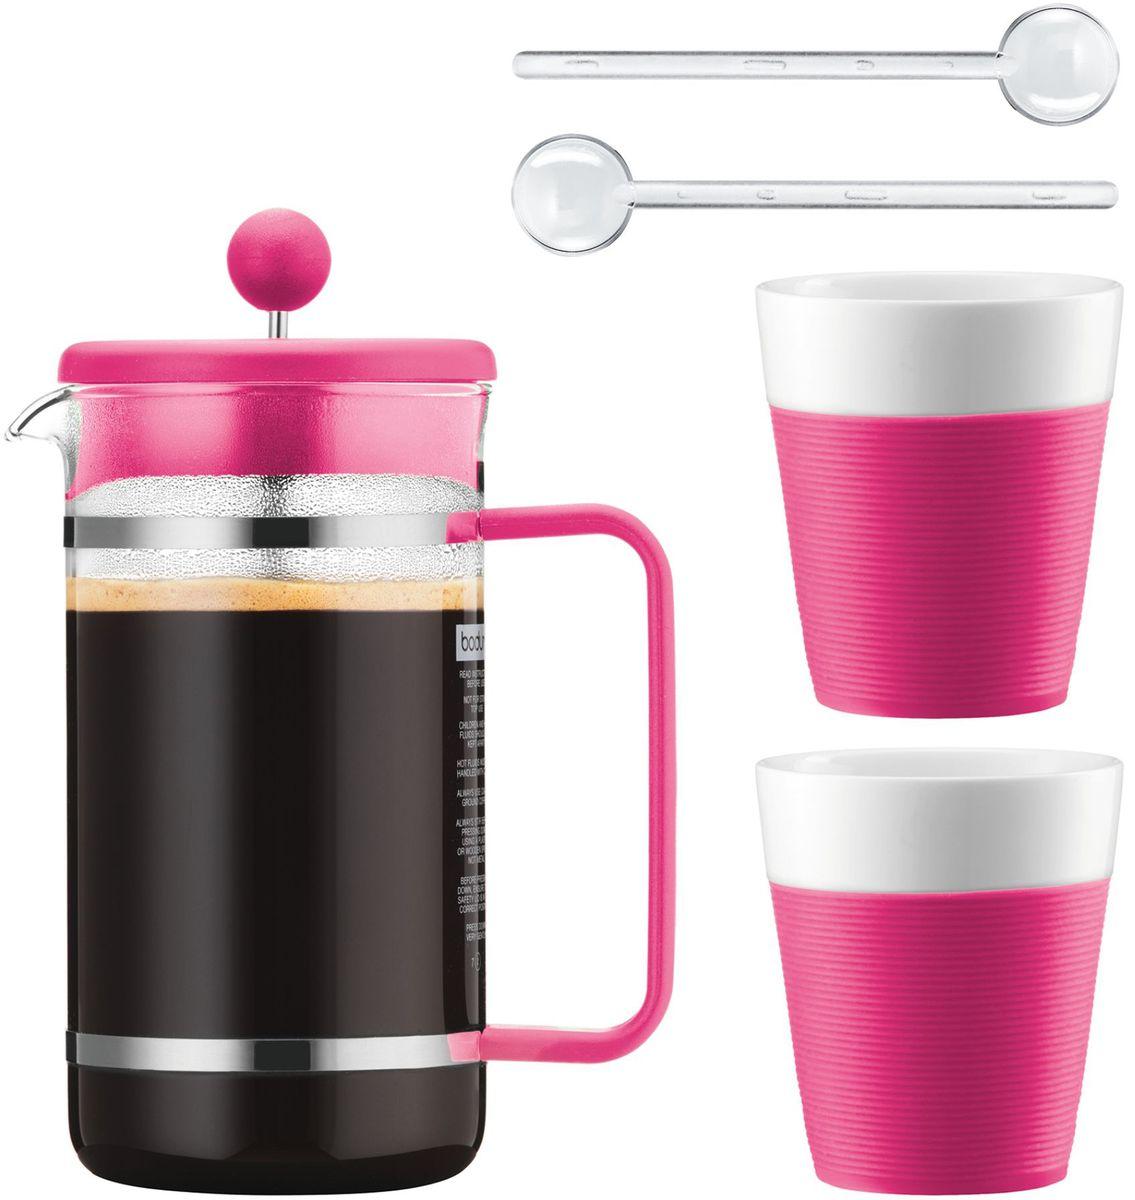 Набор кофейный Bodum Bistro, цвет: розовый, 5 предметов. AK1508-634-Y15AK1508-634-Y15